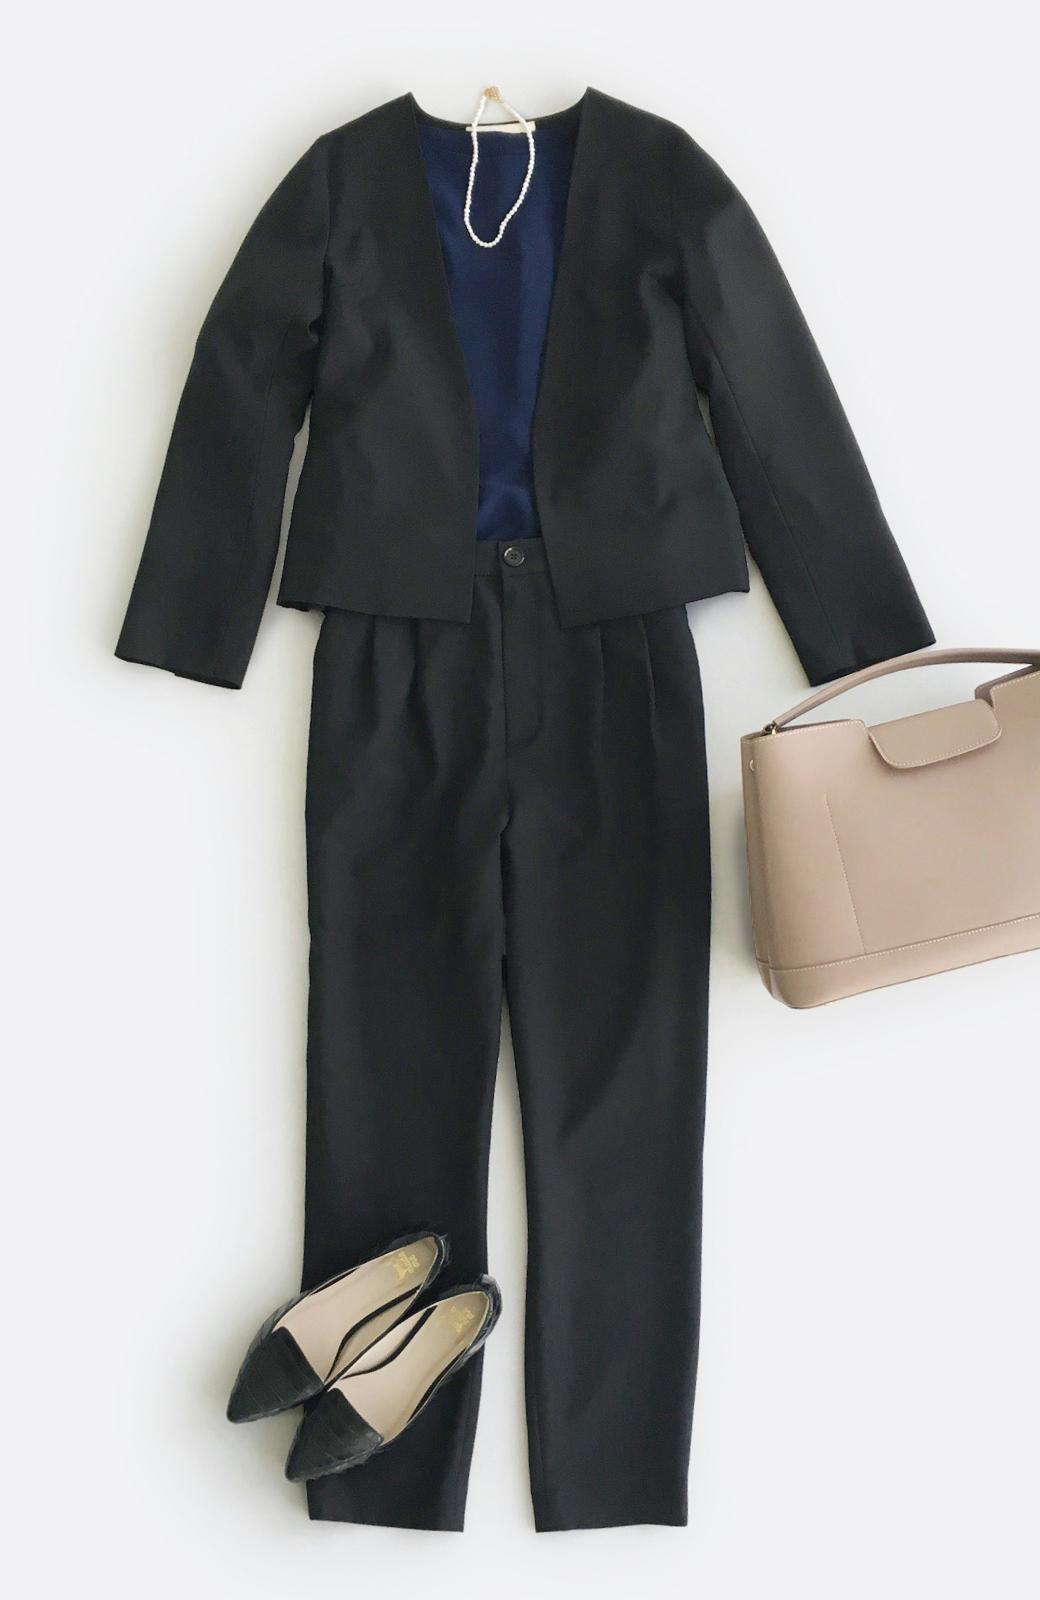 haco! 持っていると便利な野暮ったくならないフォーマルジャケット・パンツの2点セット <ブラック>の商品写真1